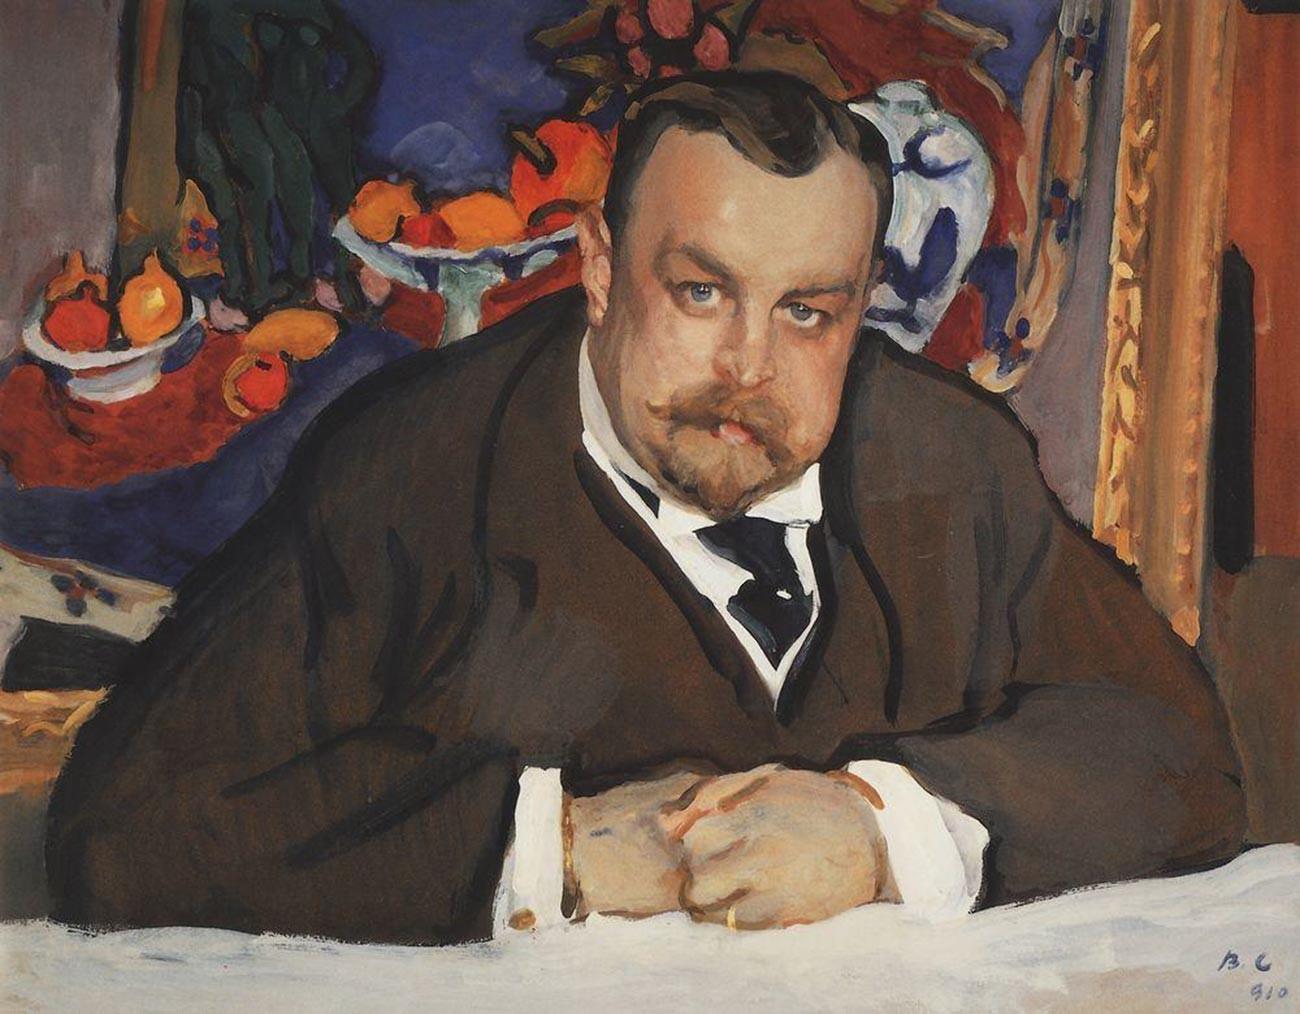 Портрет на Иван Абрамович Морозов